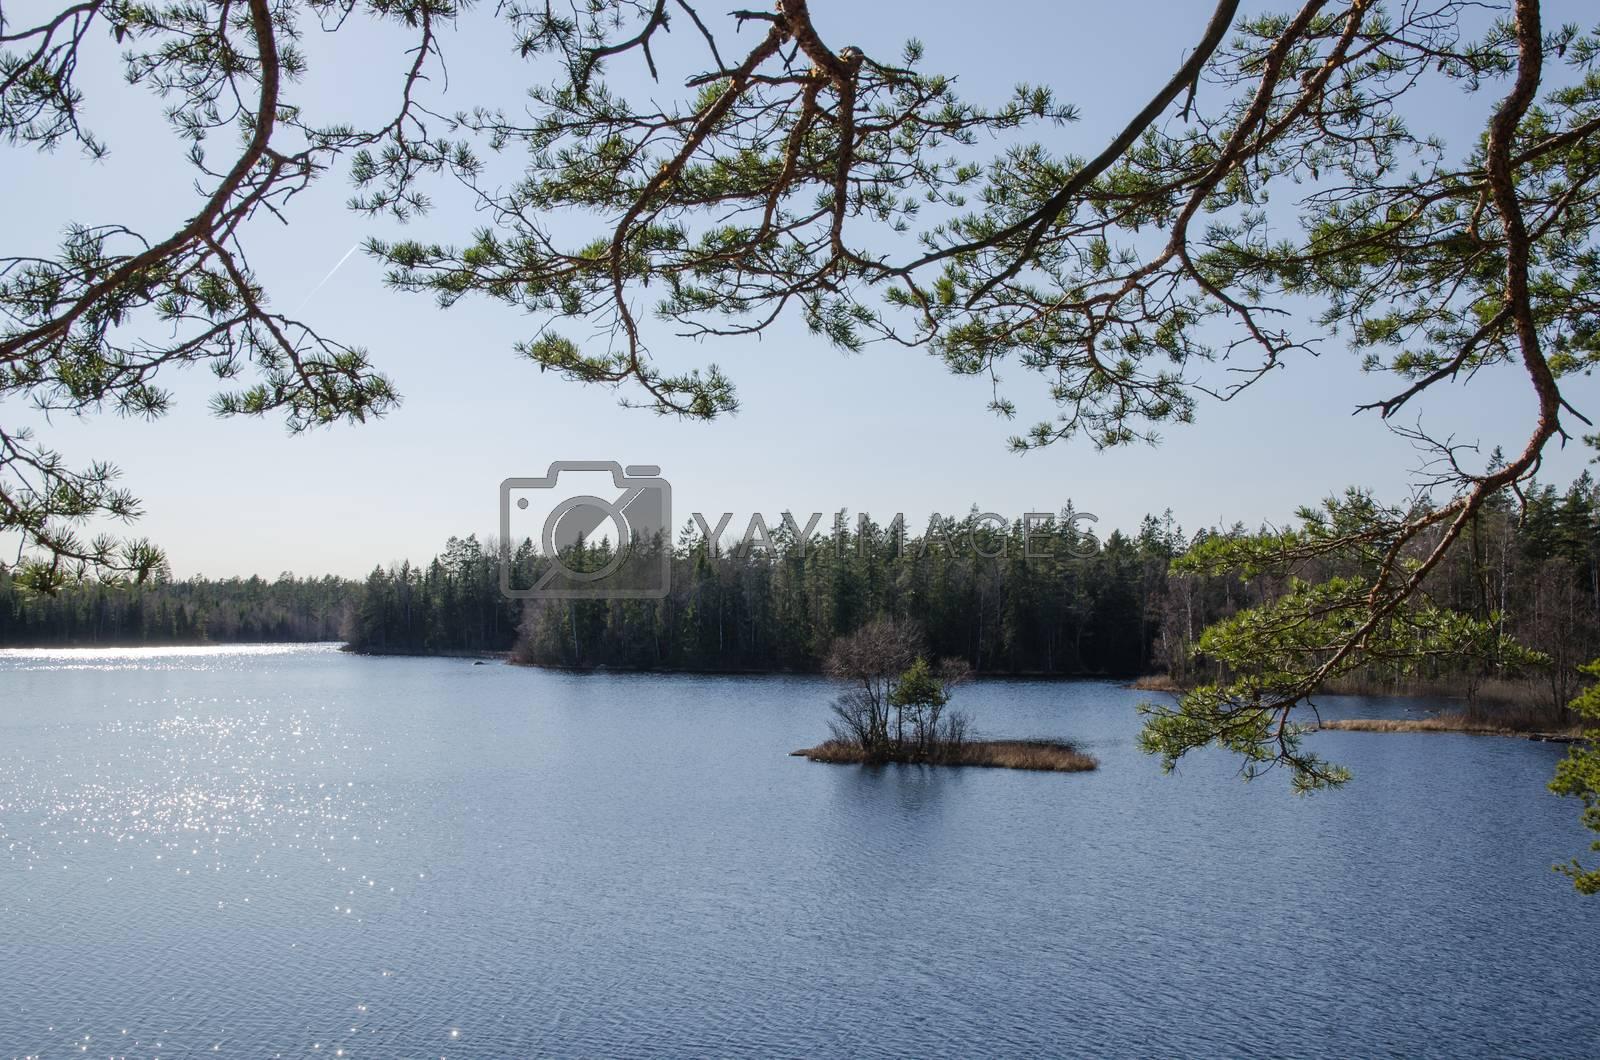 Royalty free image of Woodland lake view by olandsfokus